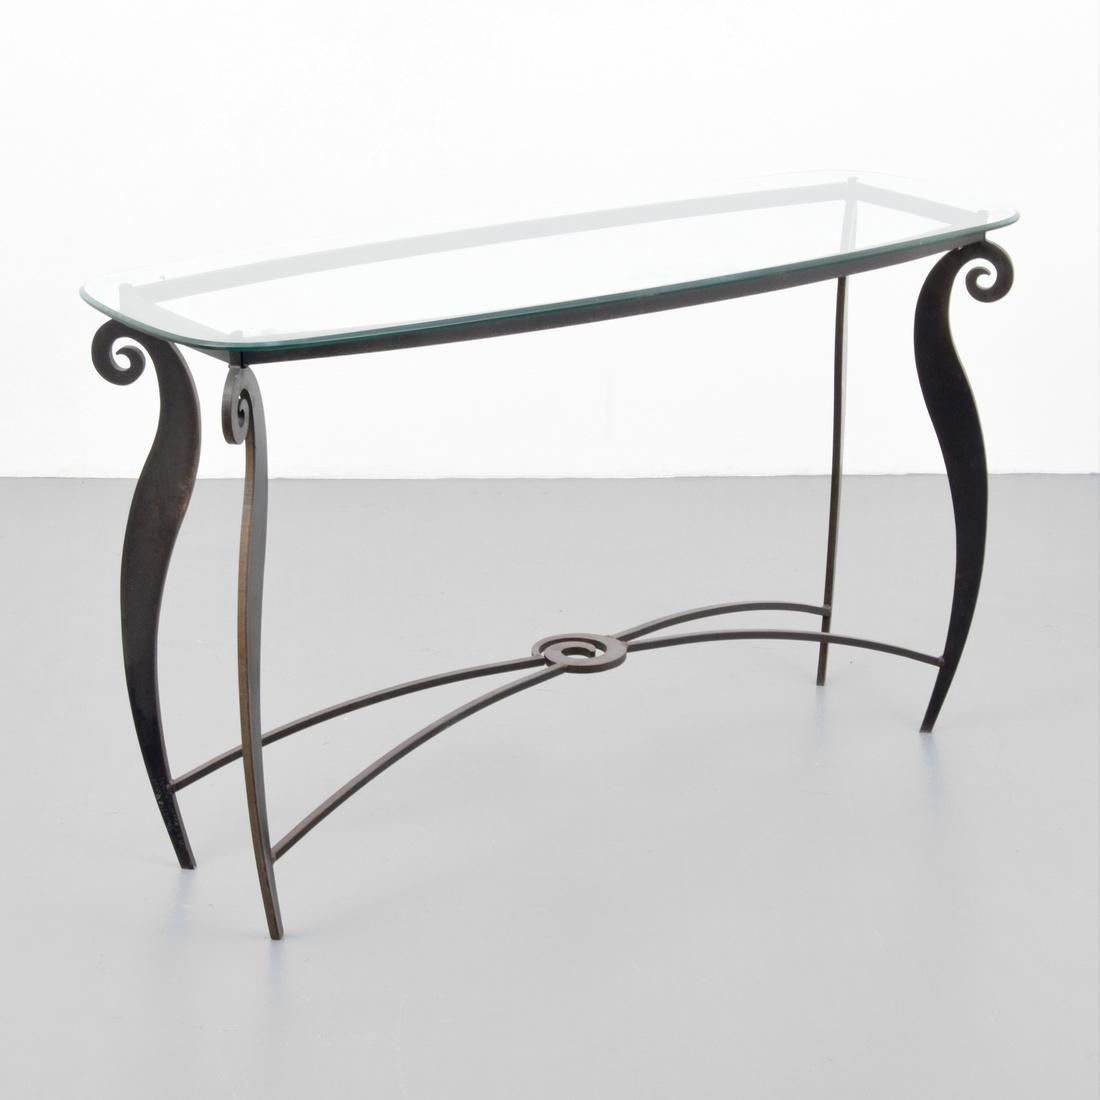 Pucci De Rossi Console Table